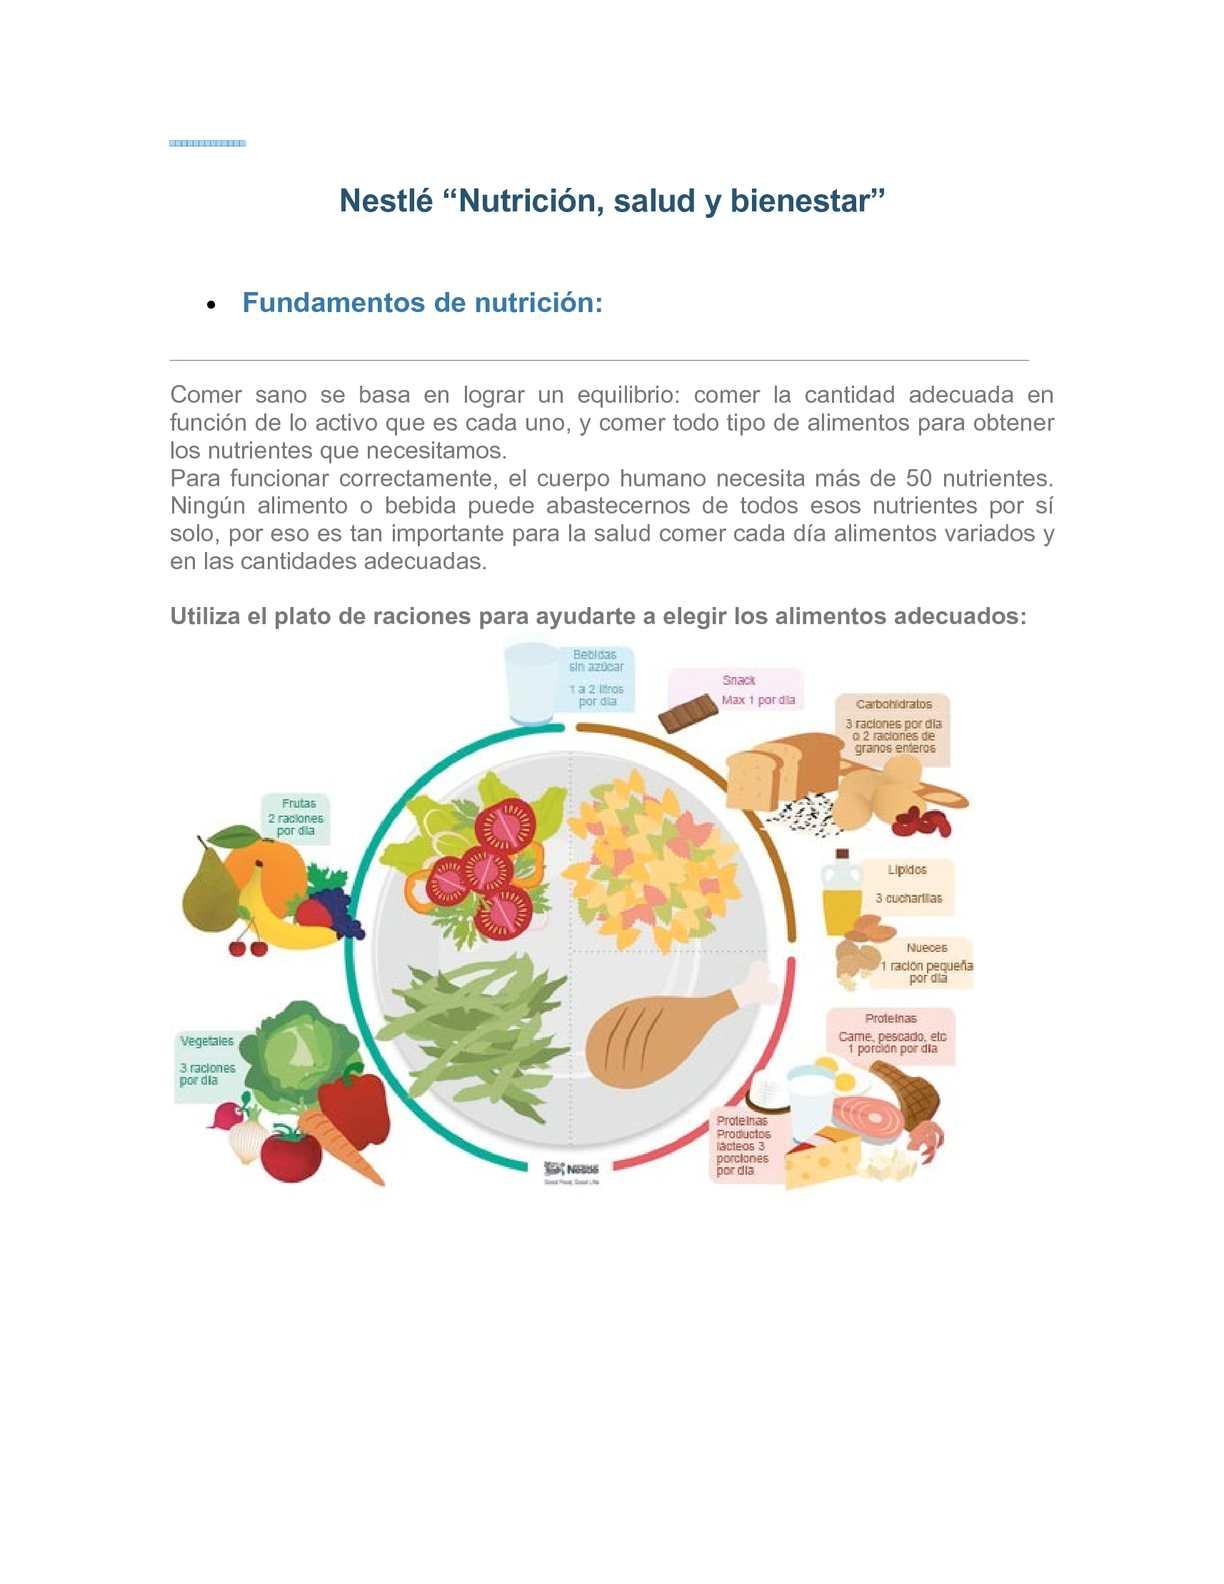 Imagenes de comer alimentos variados